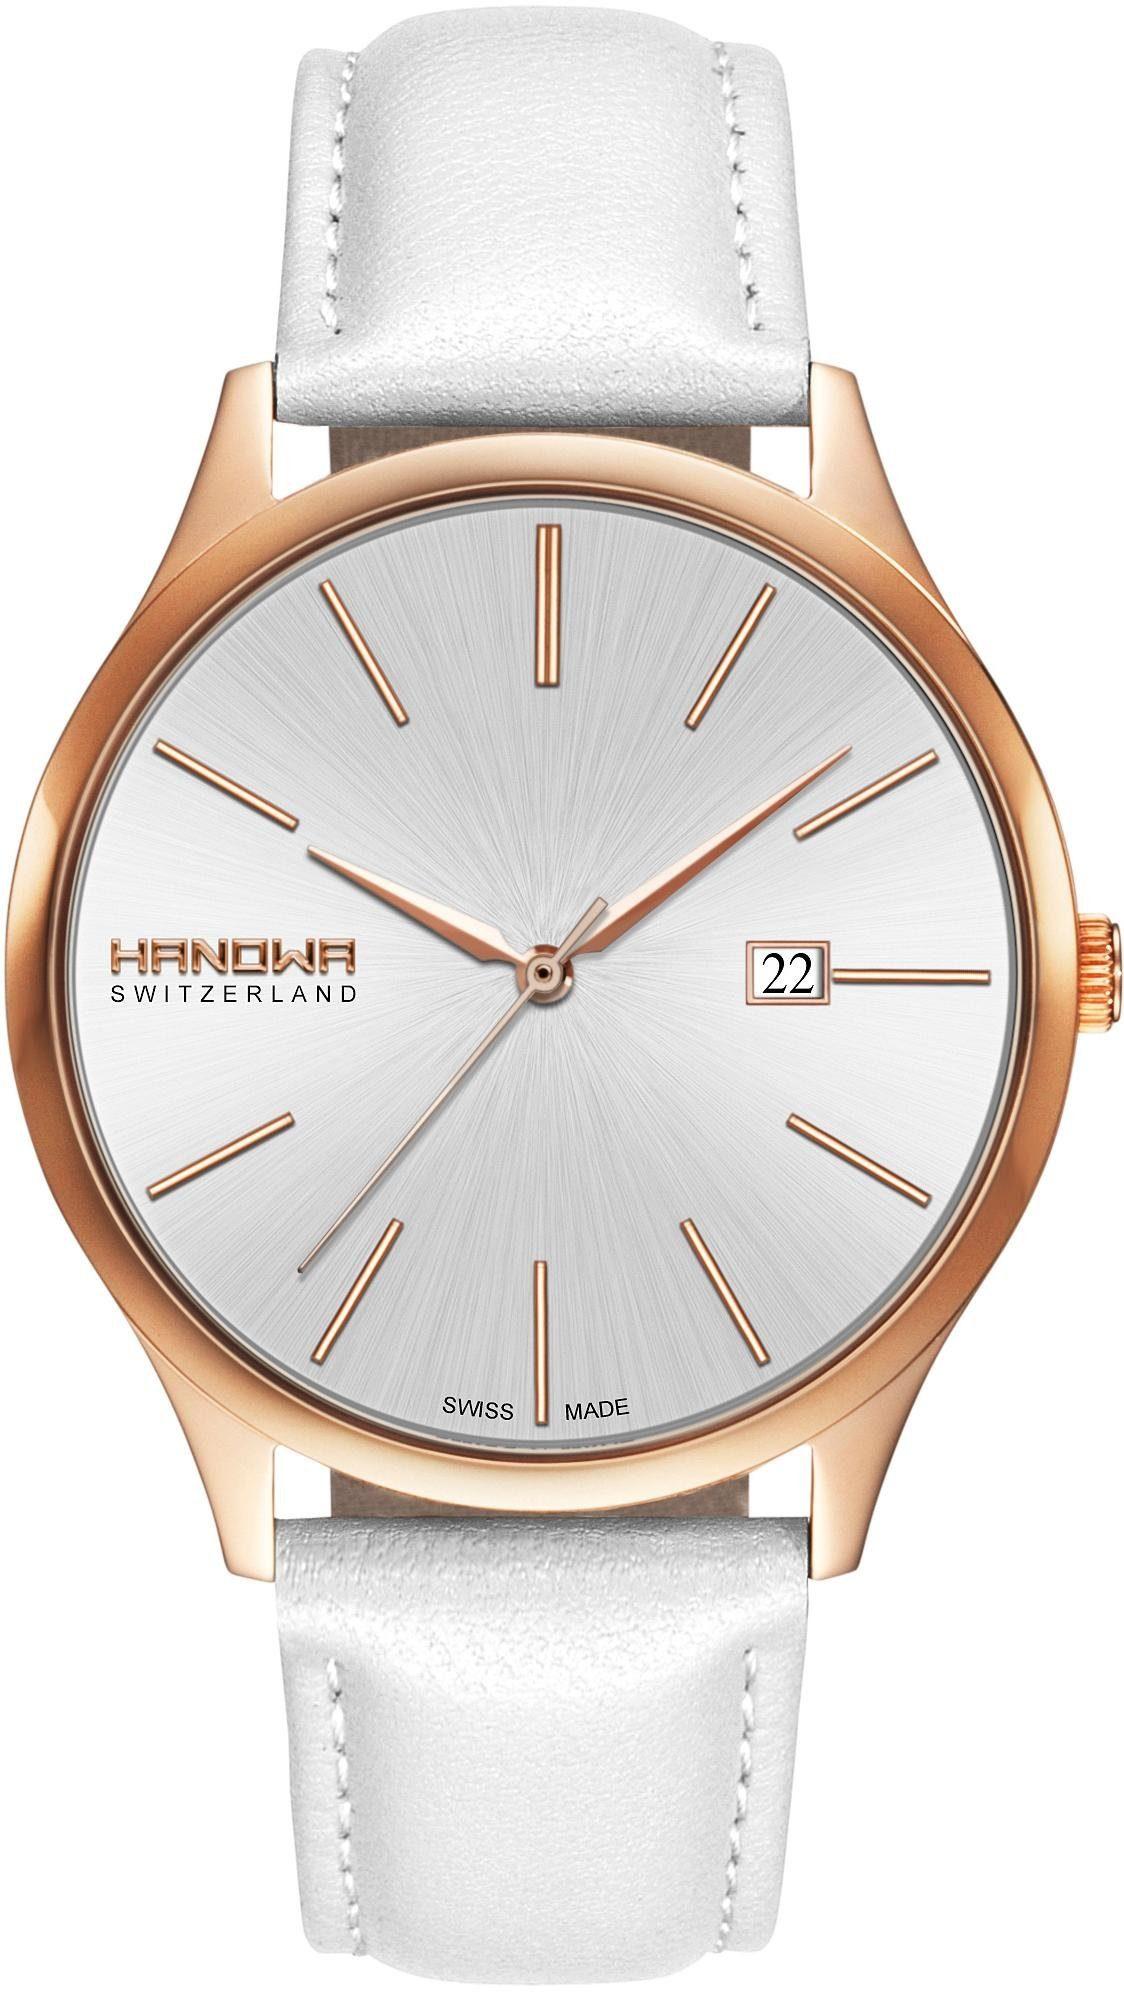 Hanowa Schweizer Uhr »PURE, 16-4060.09.001«